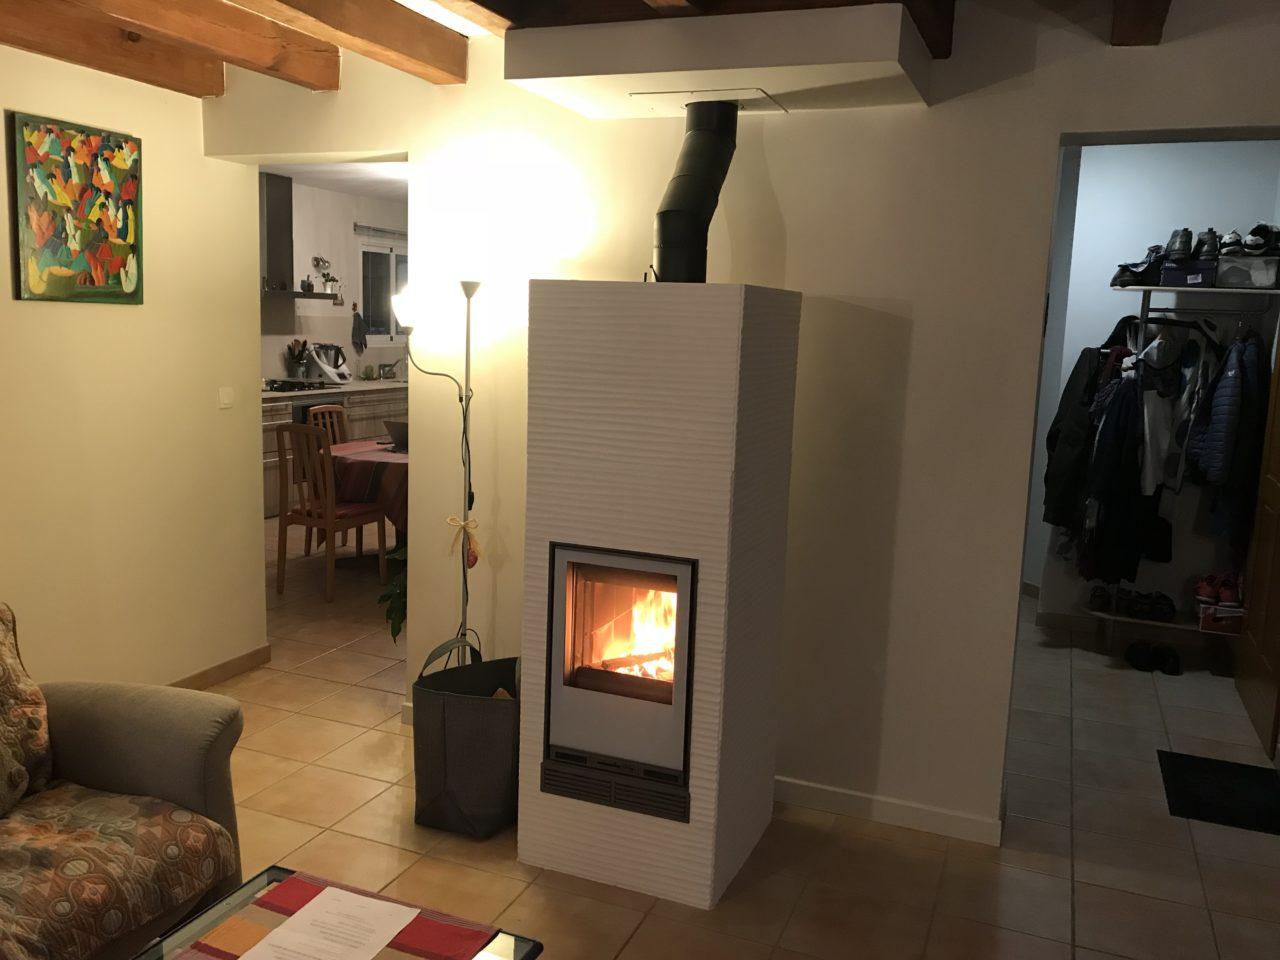 Artisan Poele De Masse tulikivi poêle de masse - kidea cheminée